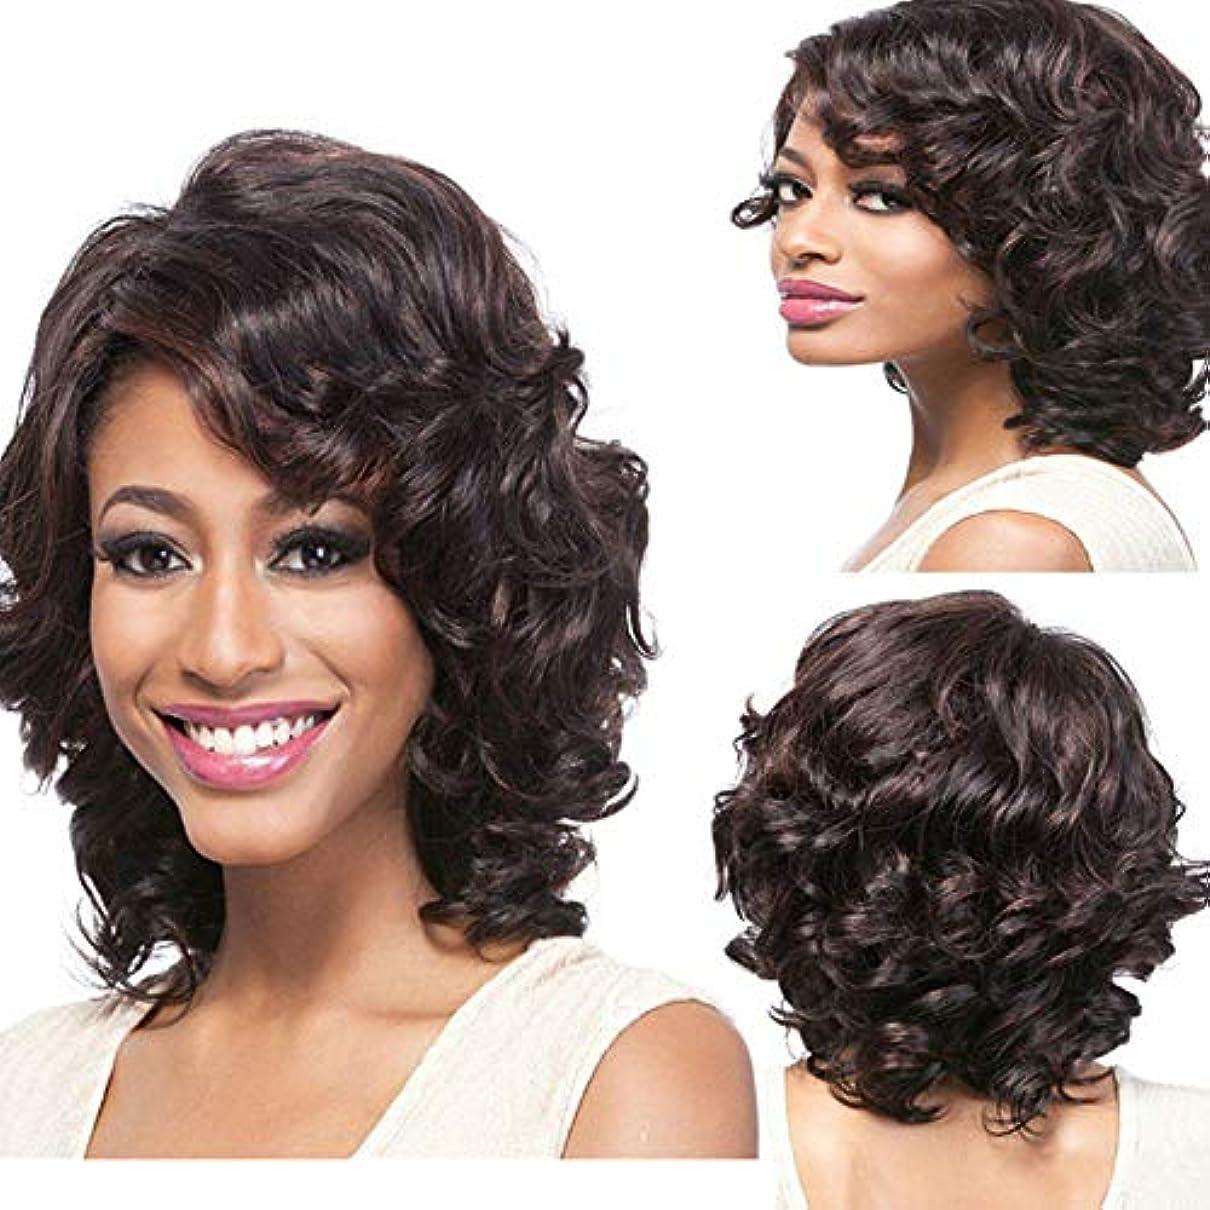 ヒップ彼ら変装YOUQIU 女子サイドショートカーリーヘアウィッグ斜め前髪は染色高温シルク化学繊維ヘアウィッグウィッグを選びます (色 : Photo Color, サイズ : 30~32cm)